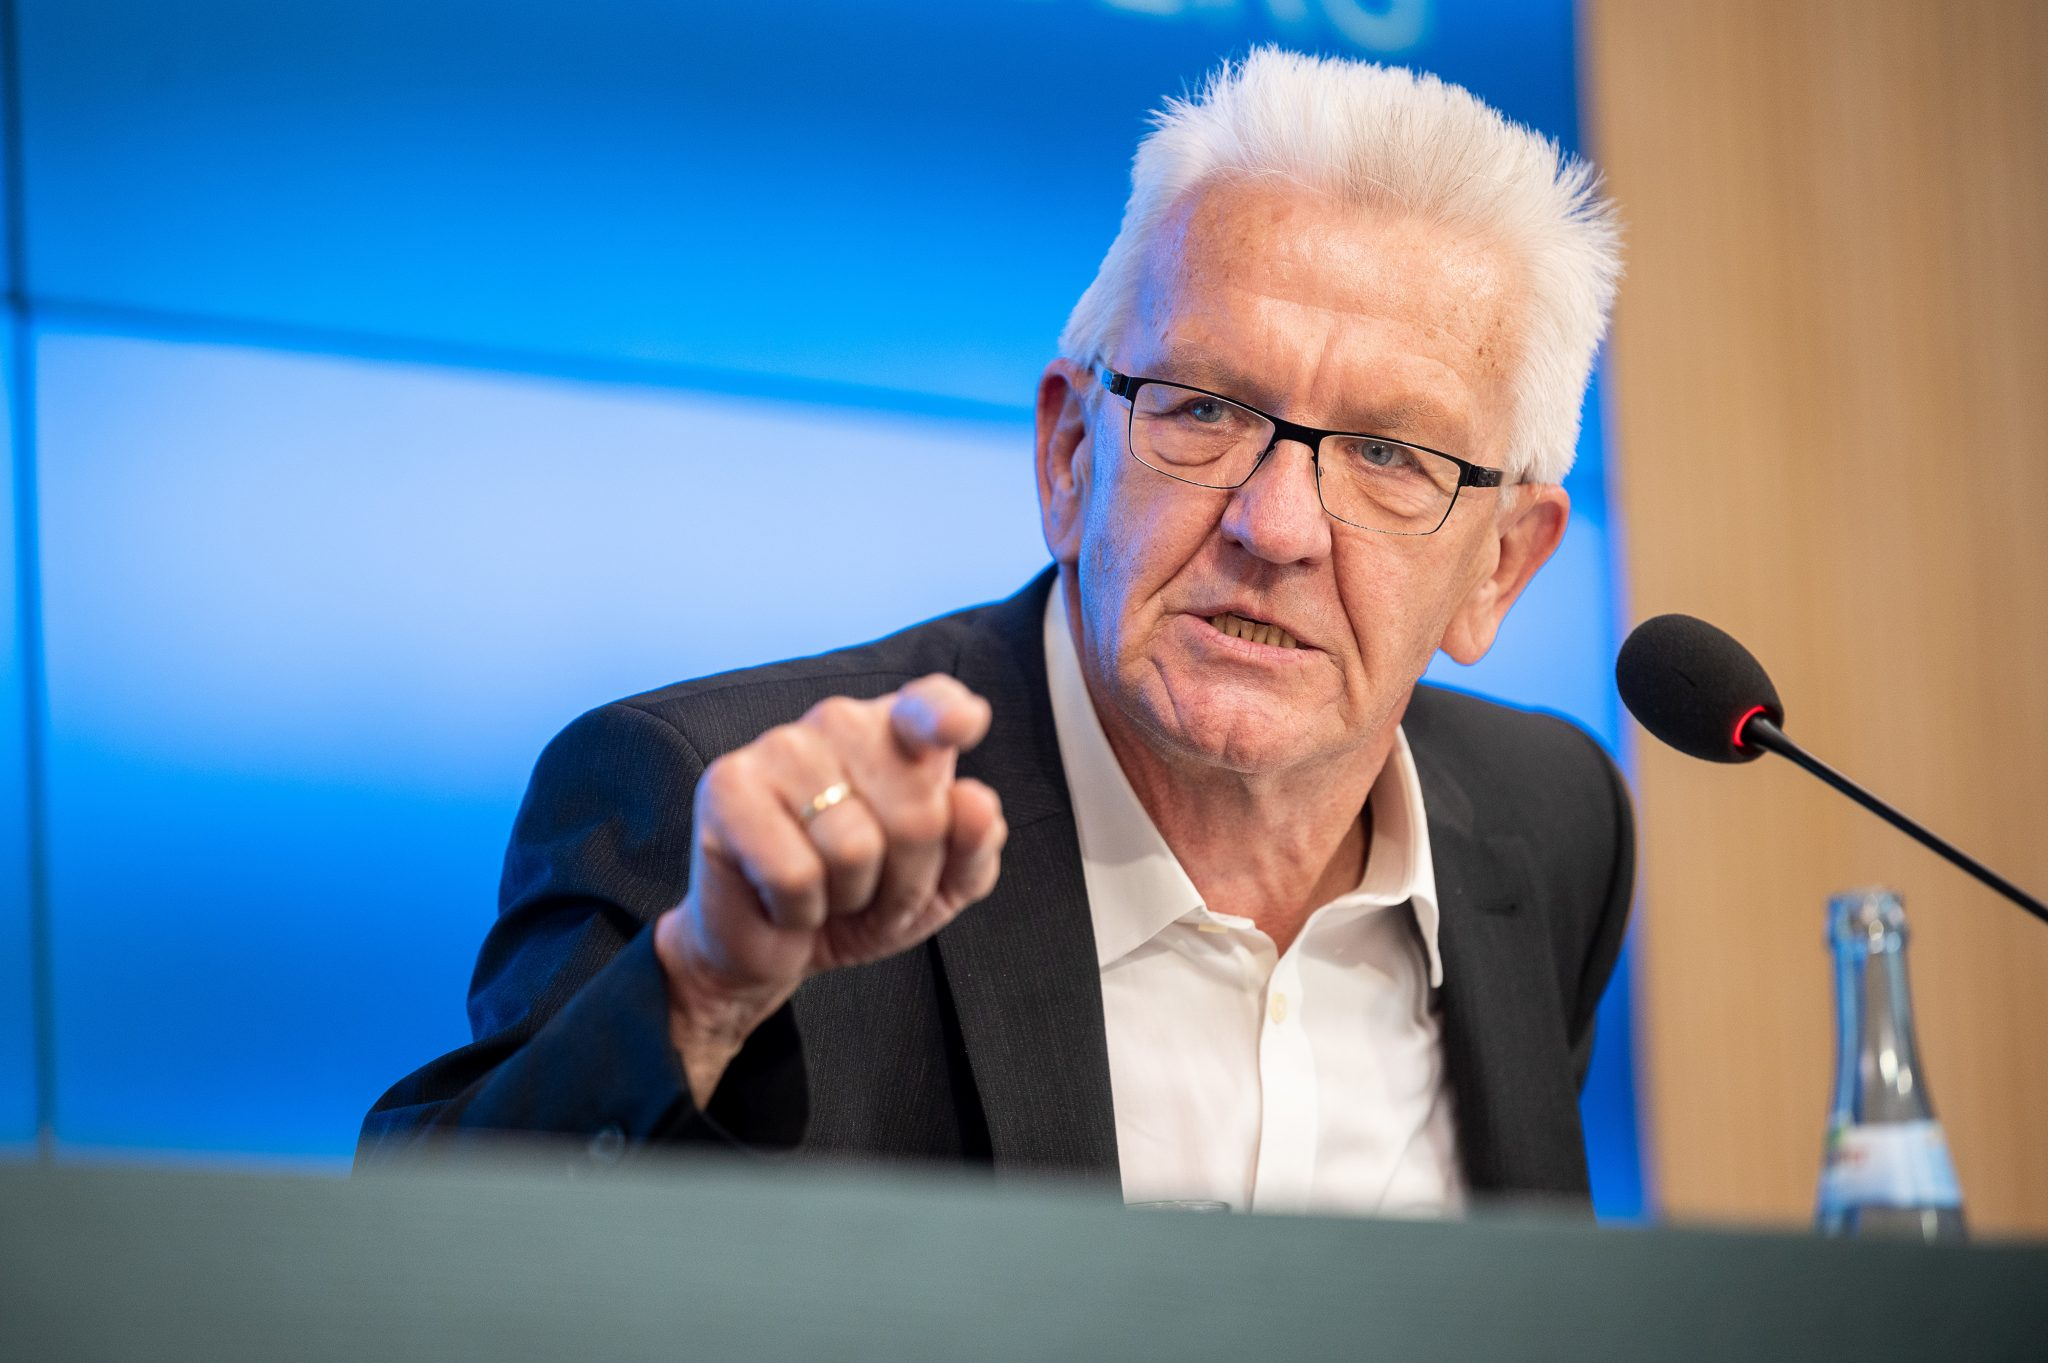 Baden-Württembergs Ministerpräsident Winfried Kretschmann (Grüne)